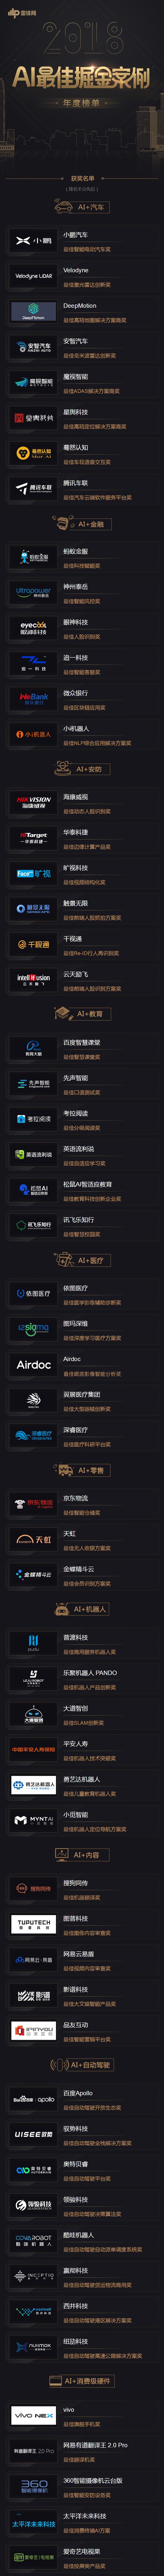 雷锋网 2018「AI 最佳掘金案例年度榜单」正式出炉